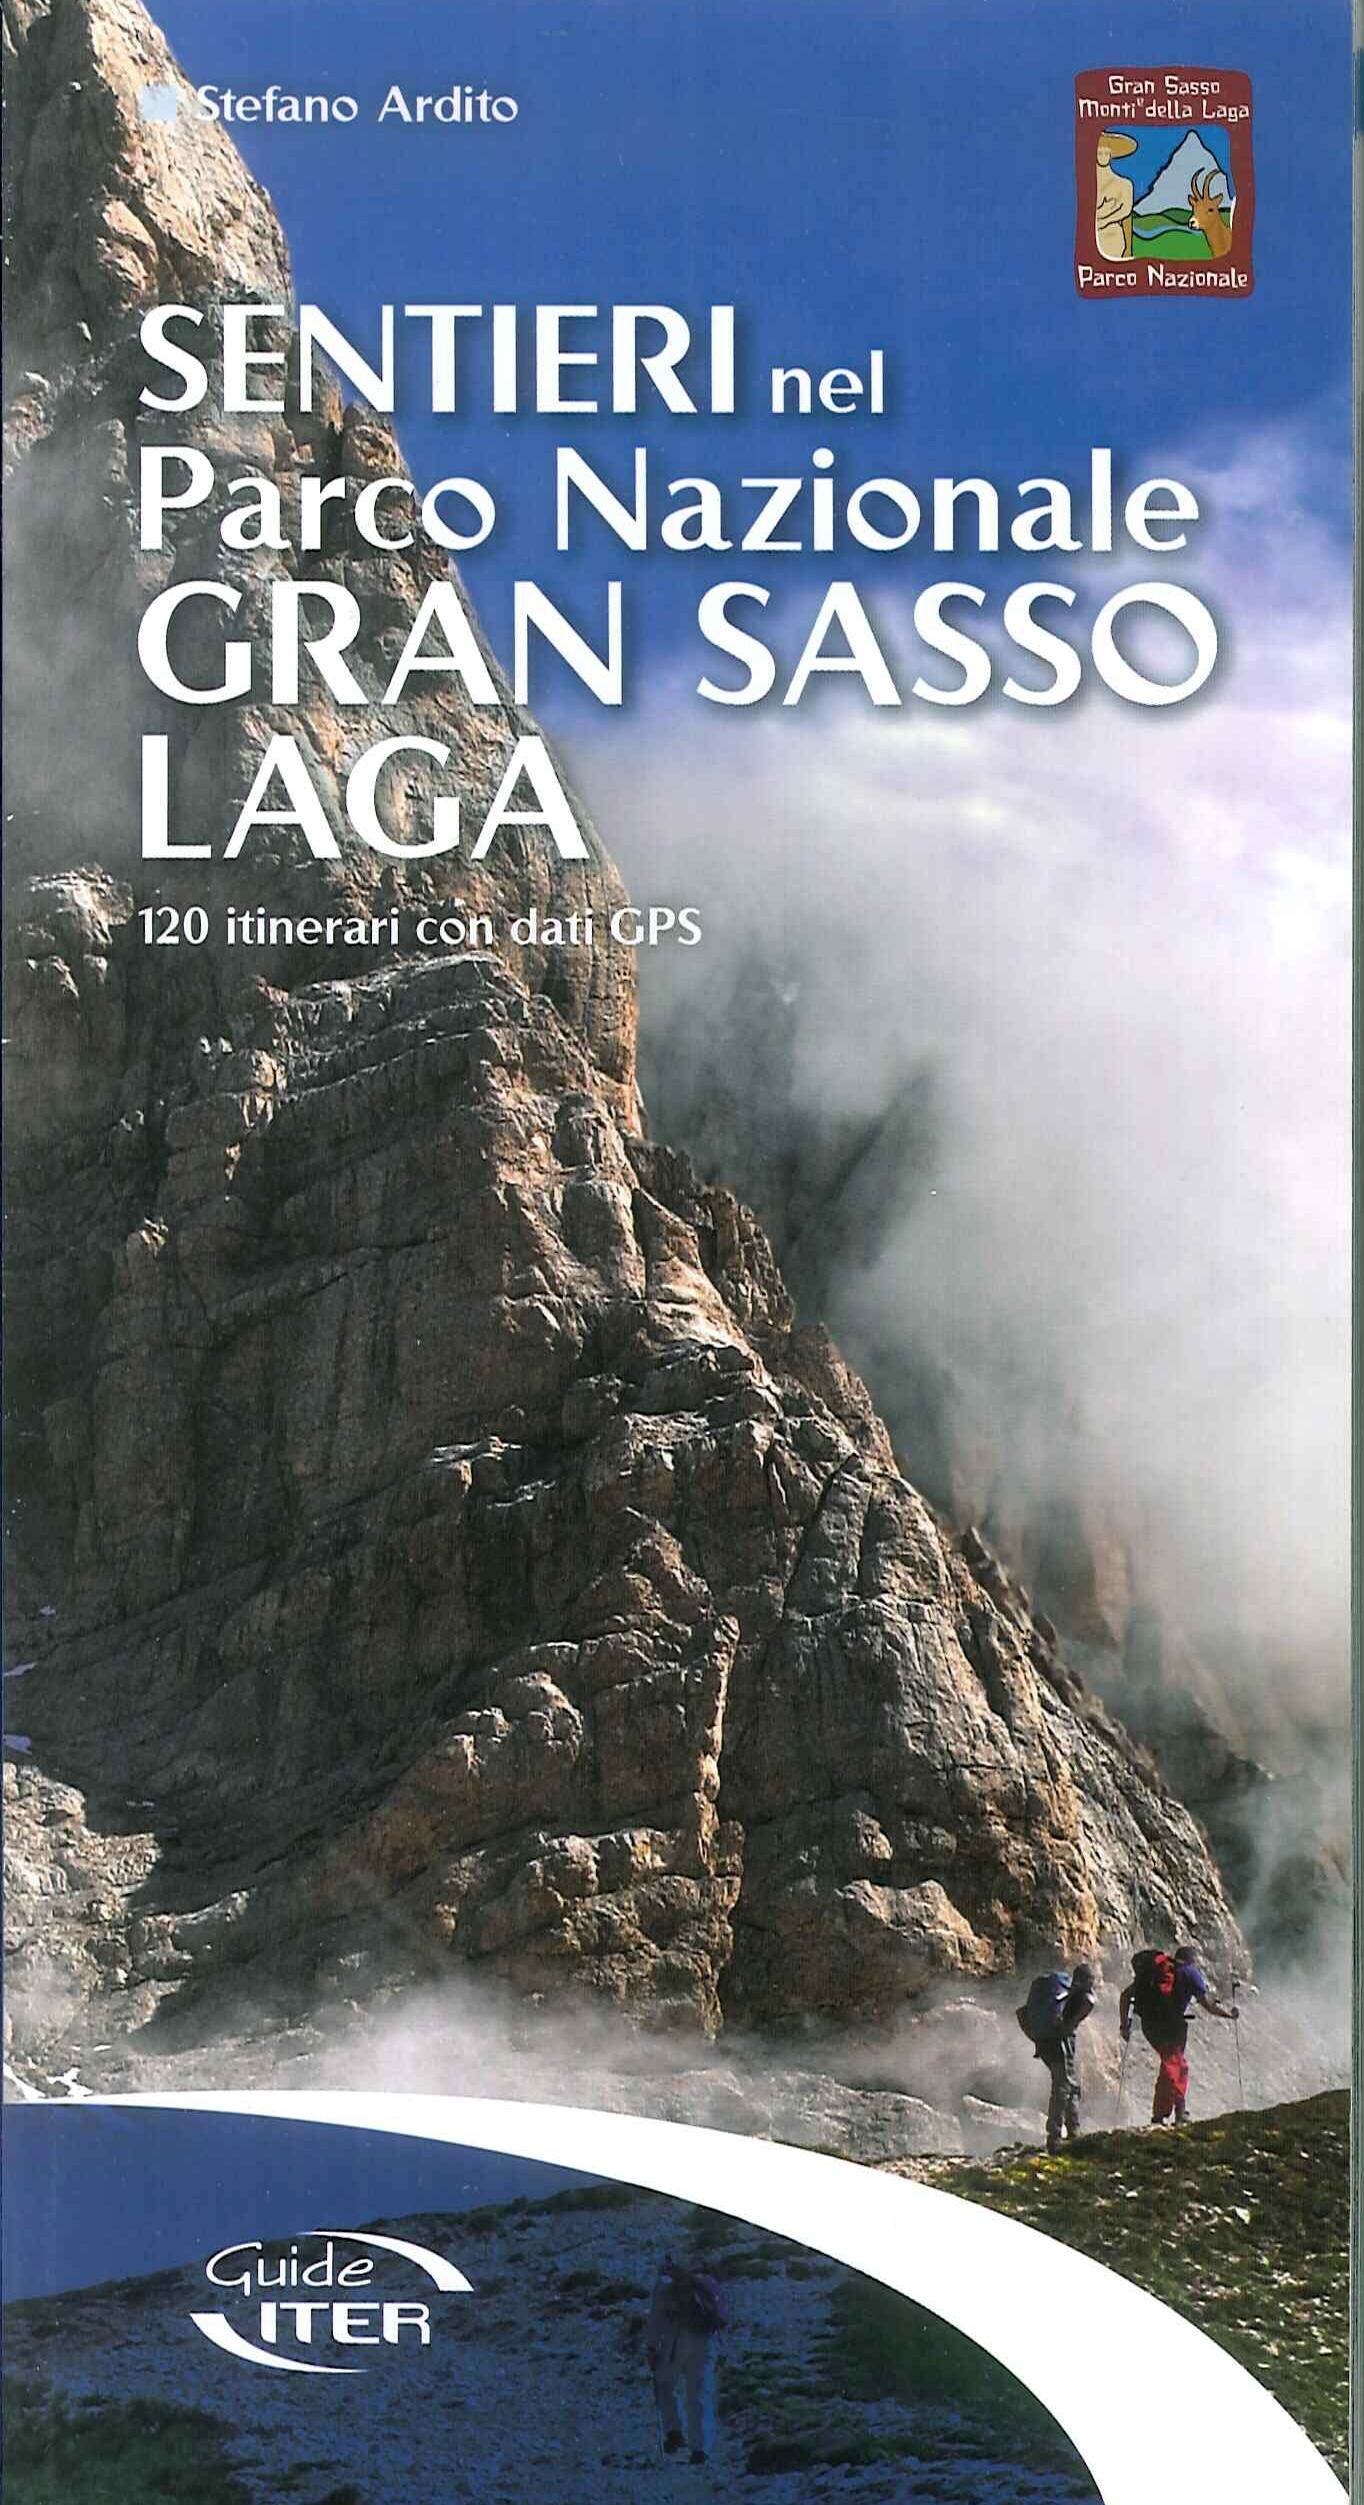 Sentieri nel Parco Nazionale Gran Sasso-Laga. 120 itinerari con dati GPS.